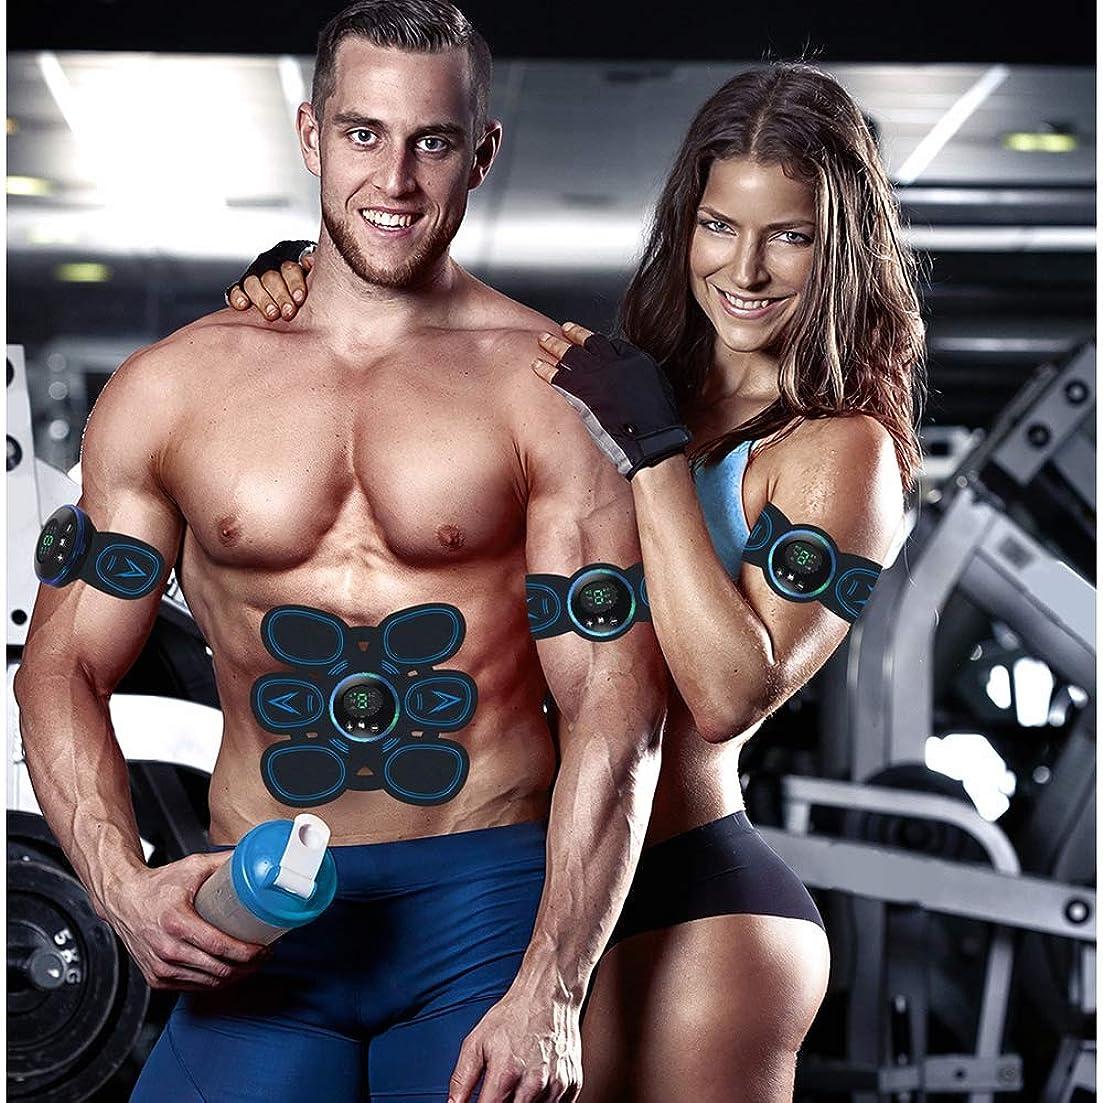 復讐振り向くトークン新しいスマート腹部デバイスEMS筋肉刺激装置USB充電式減量細い腰筋肉トレーニングウエスト整形ボディマッサージフィットネス機器